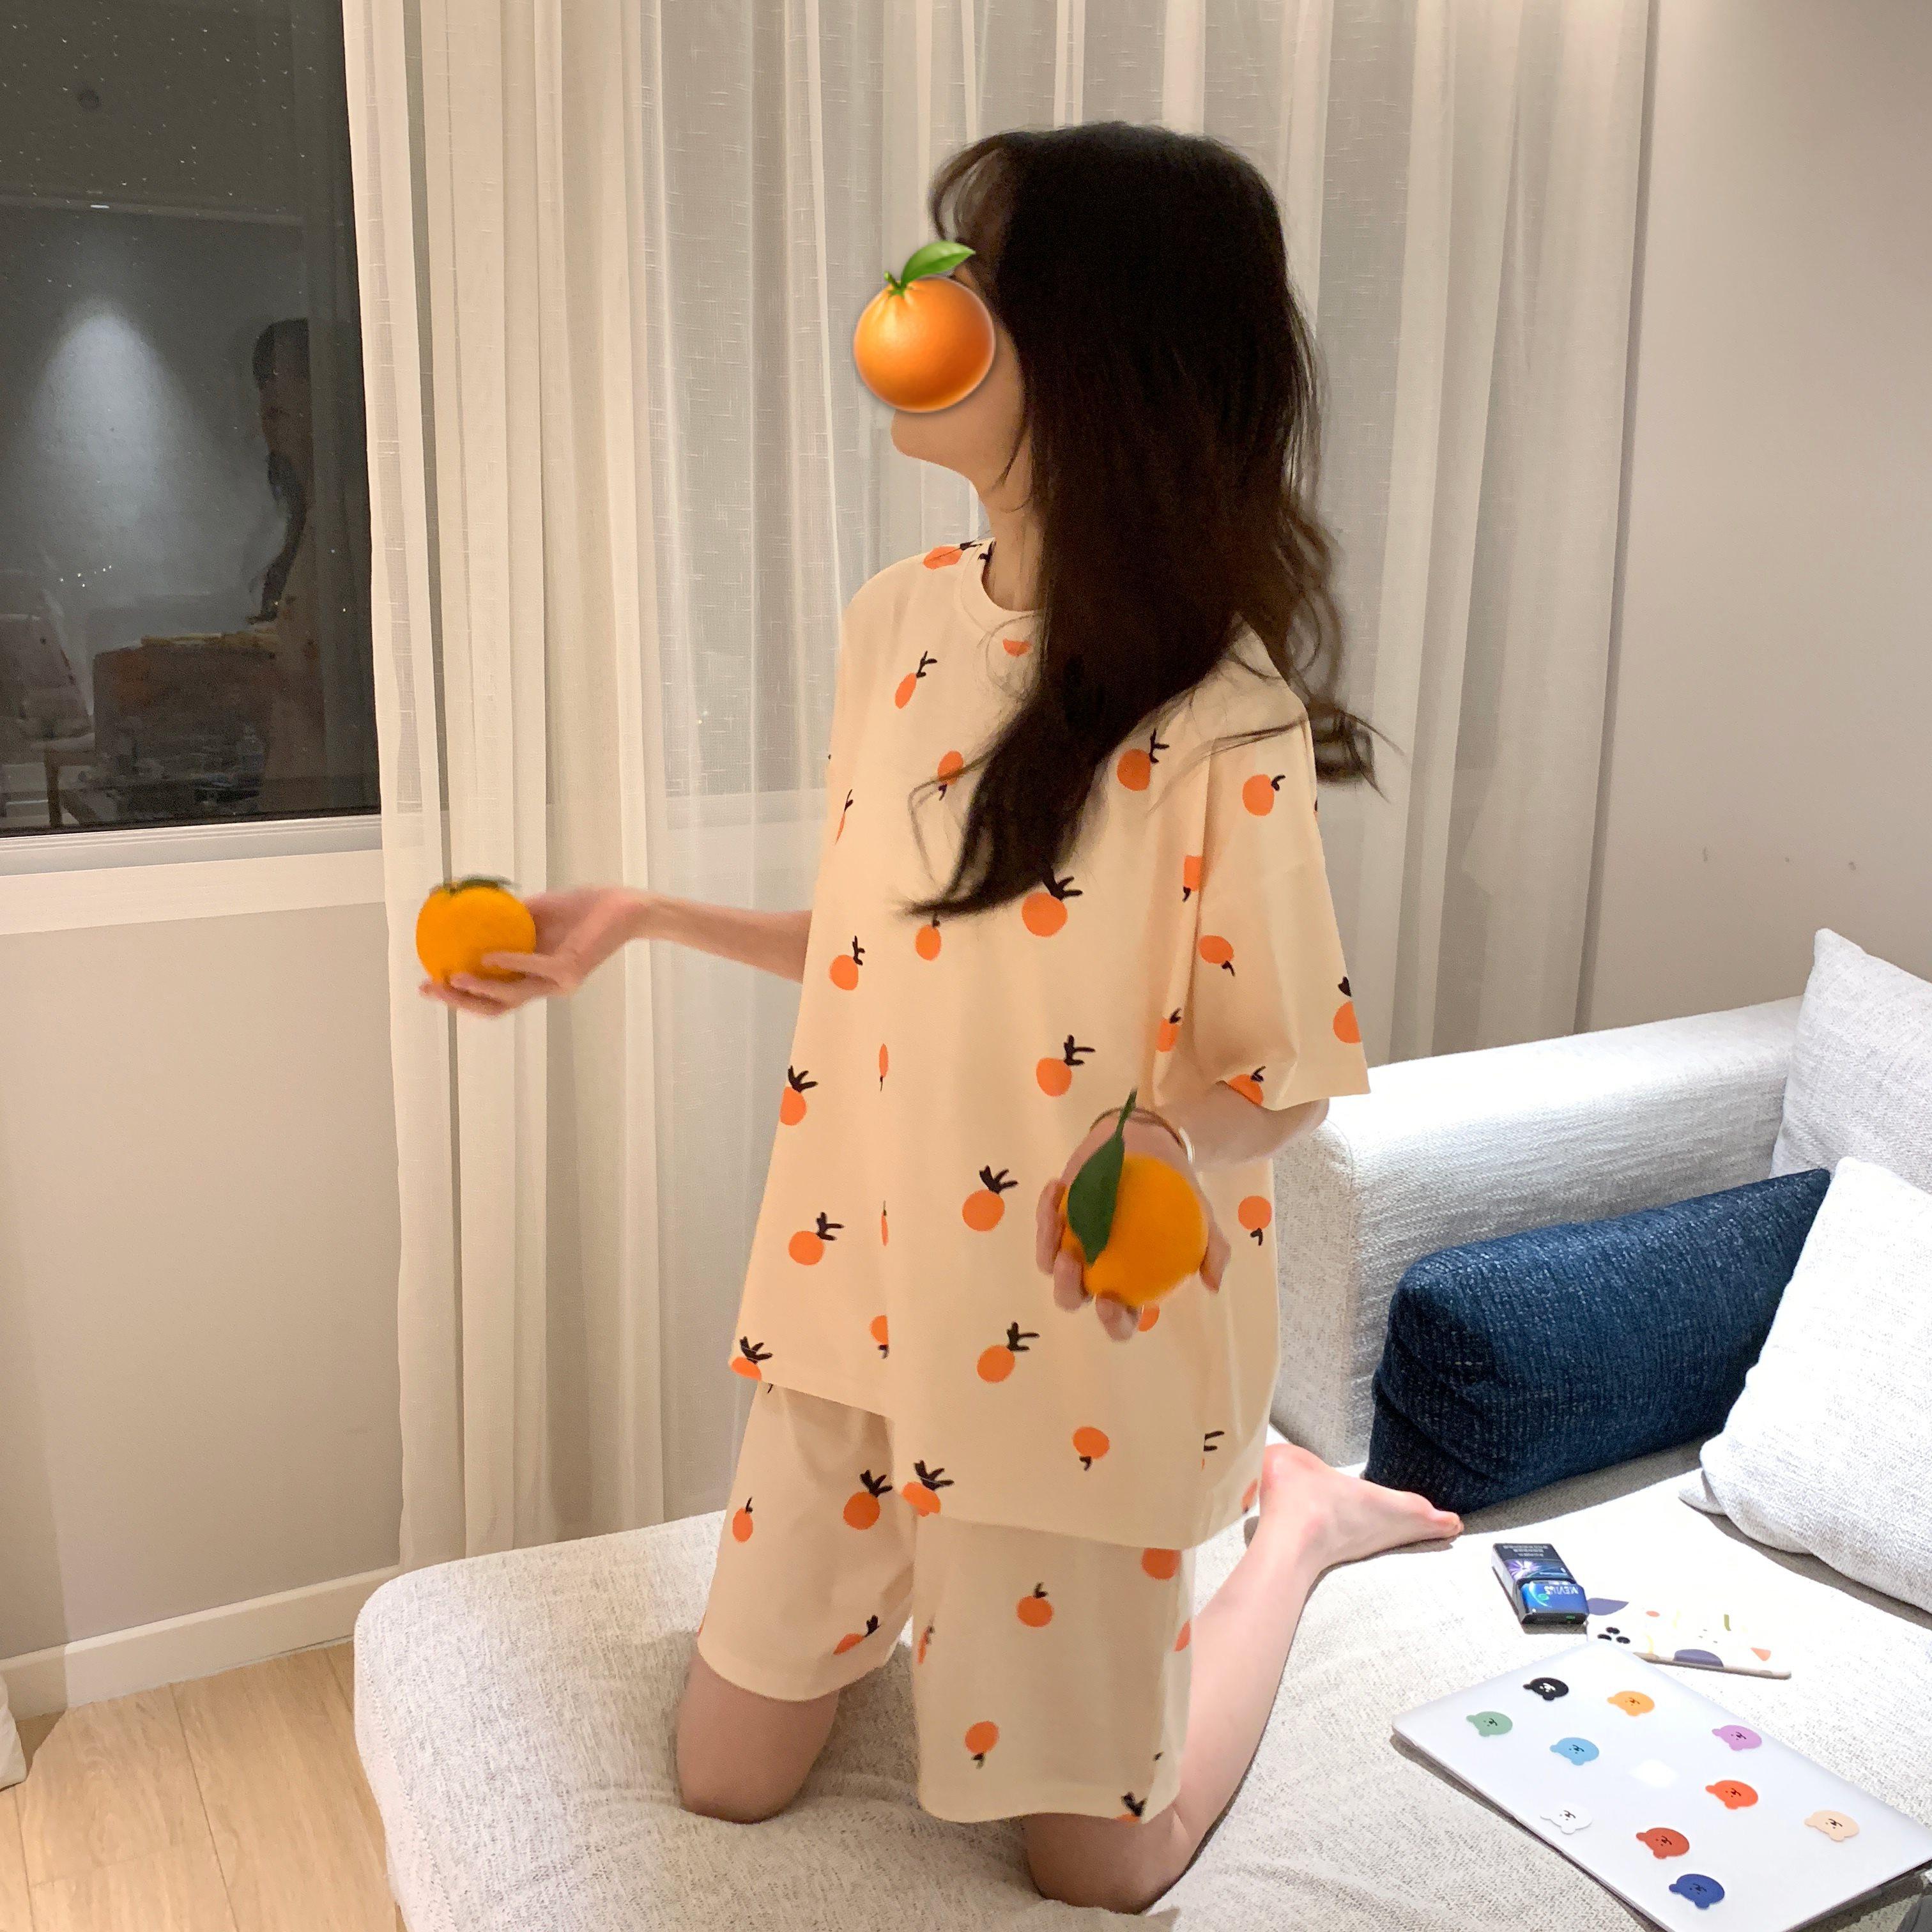 夏季2020新款可爱甜美家居服套装宽松薄款少女睡衣睡裤短裤两件套